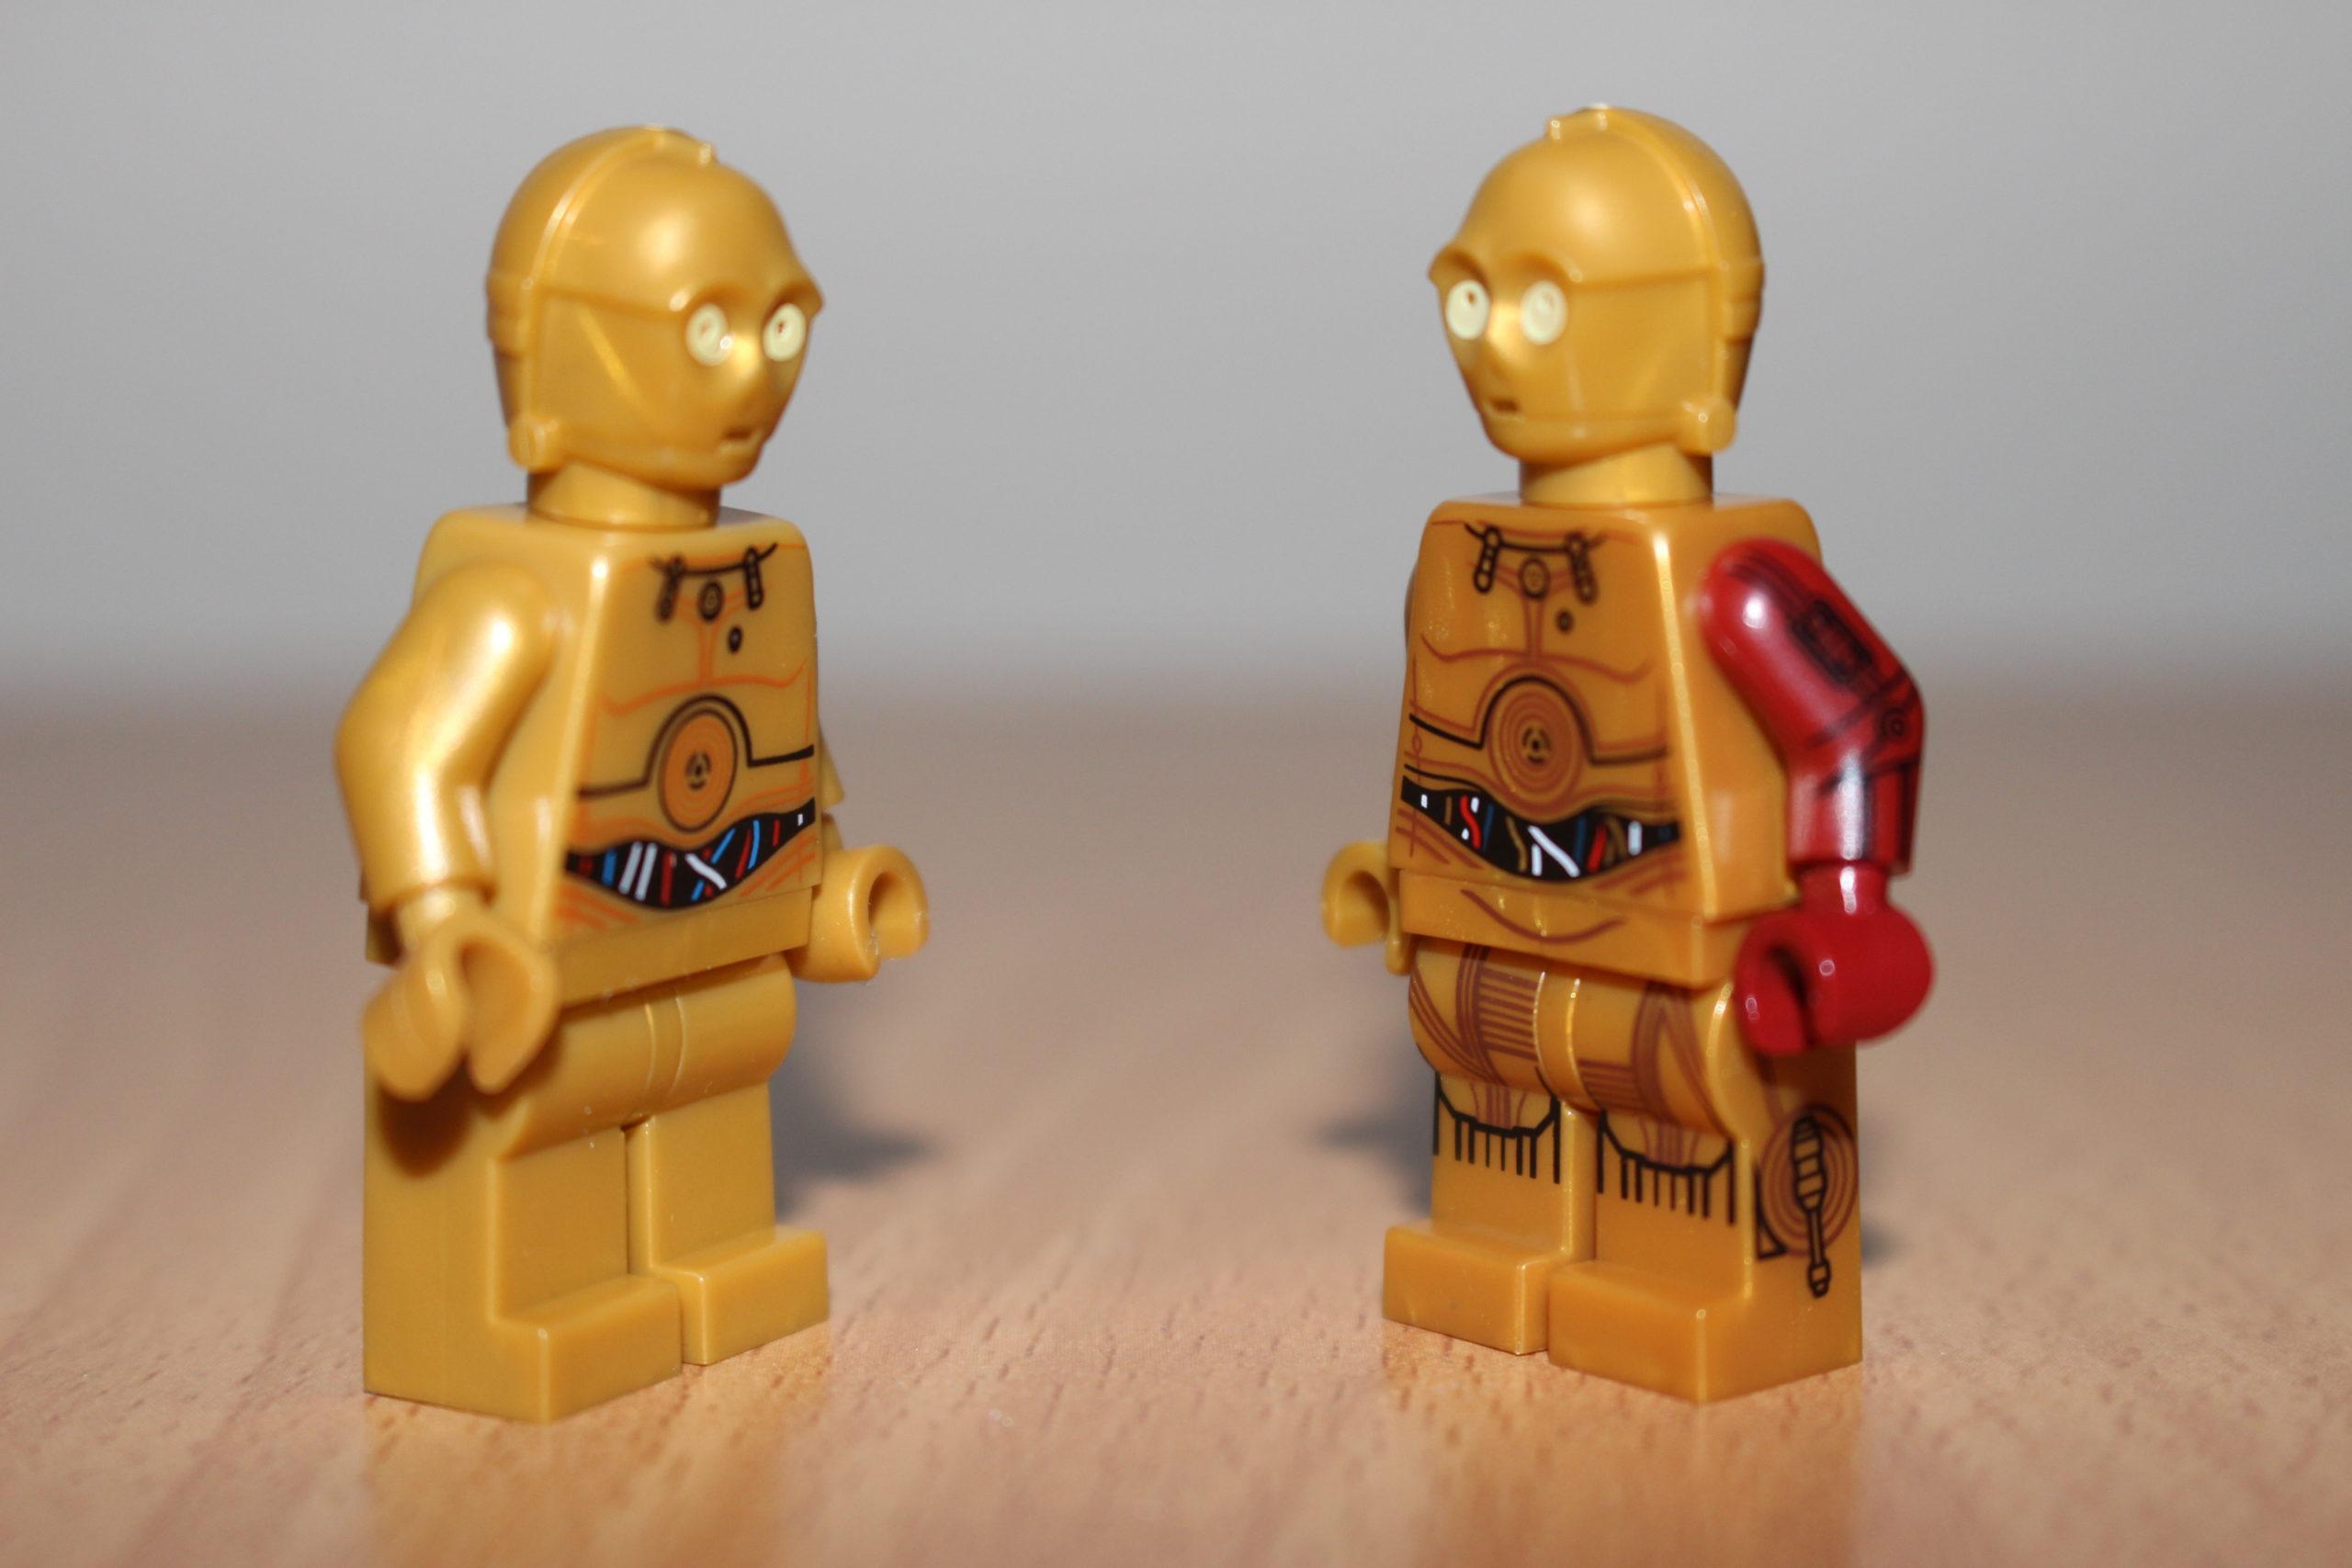 lego hobby: minifigures